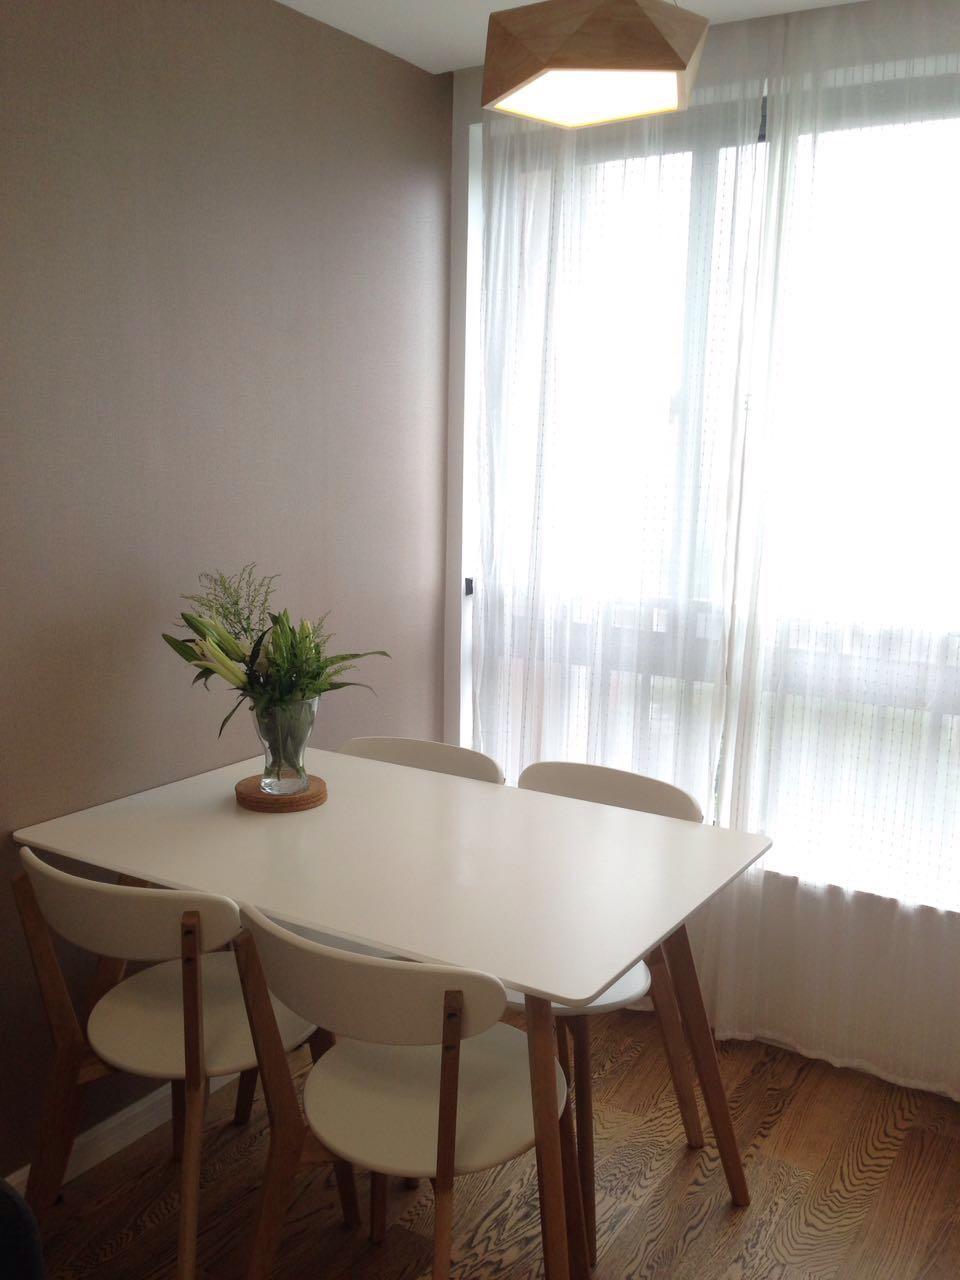 餐厅的吊灯很别致,几何形状、原木材质和餐桌看起来更像是一套组合。